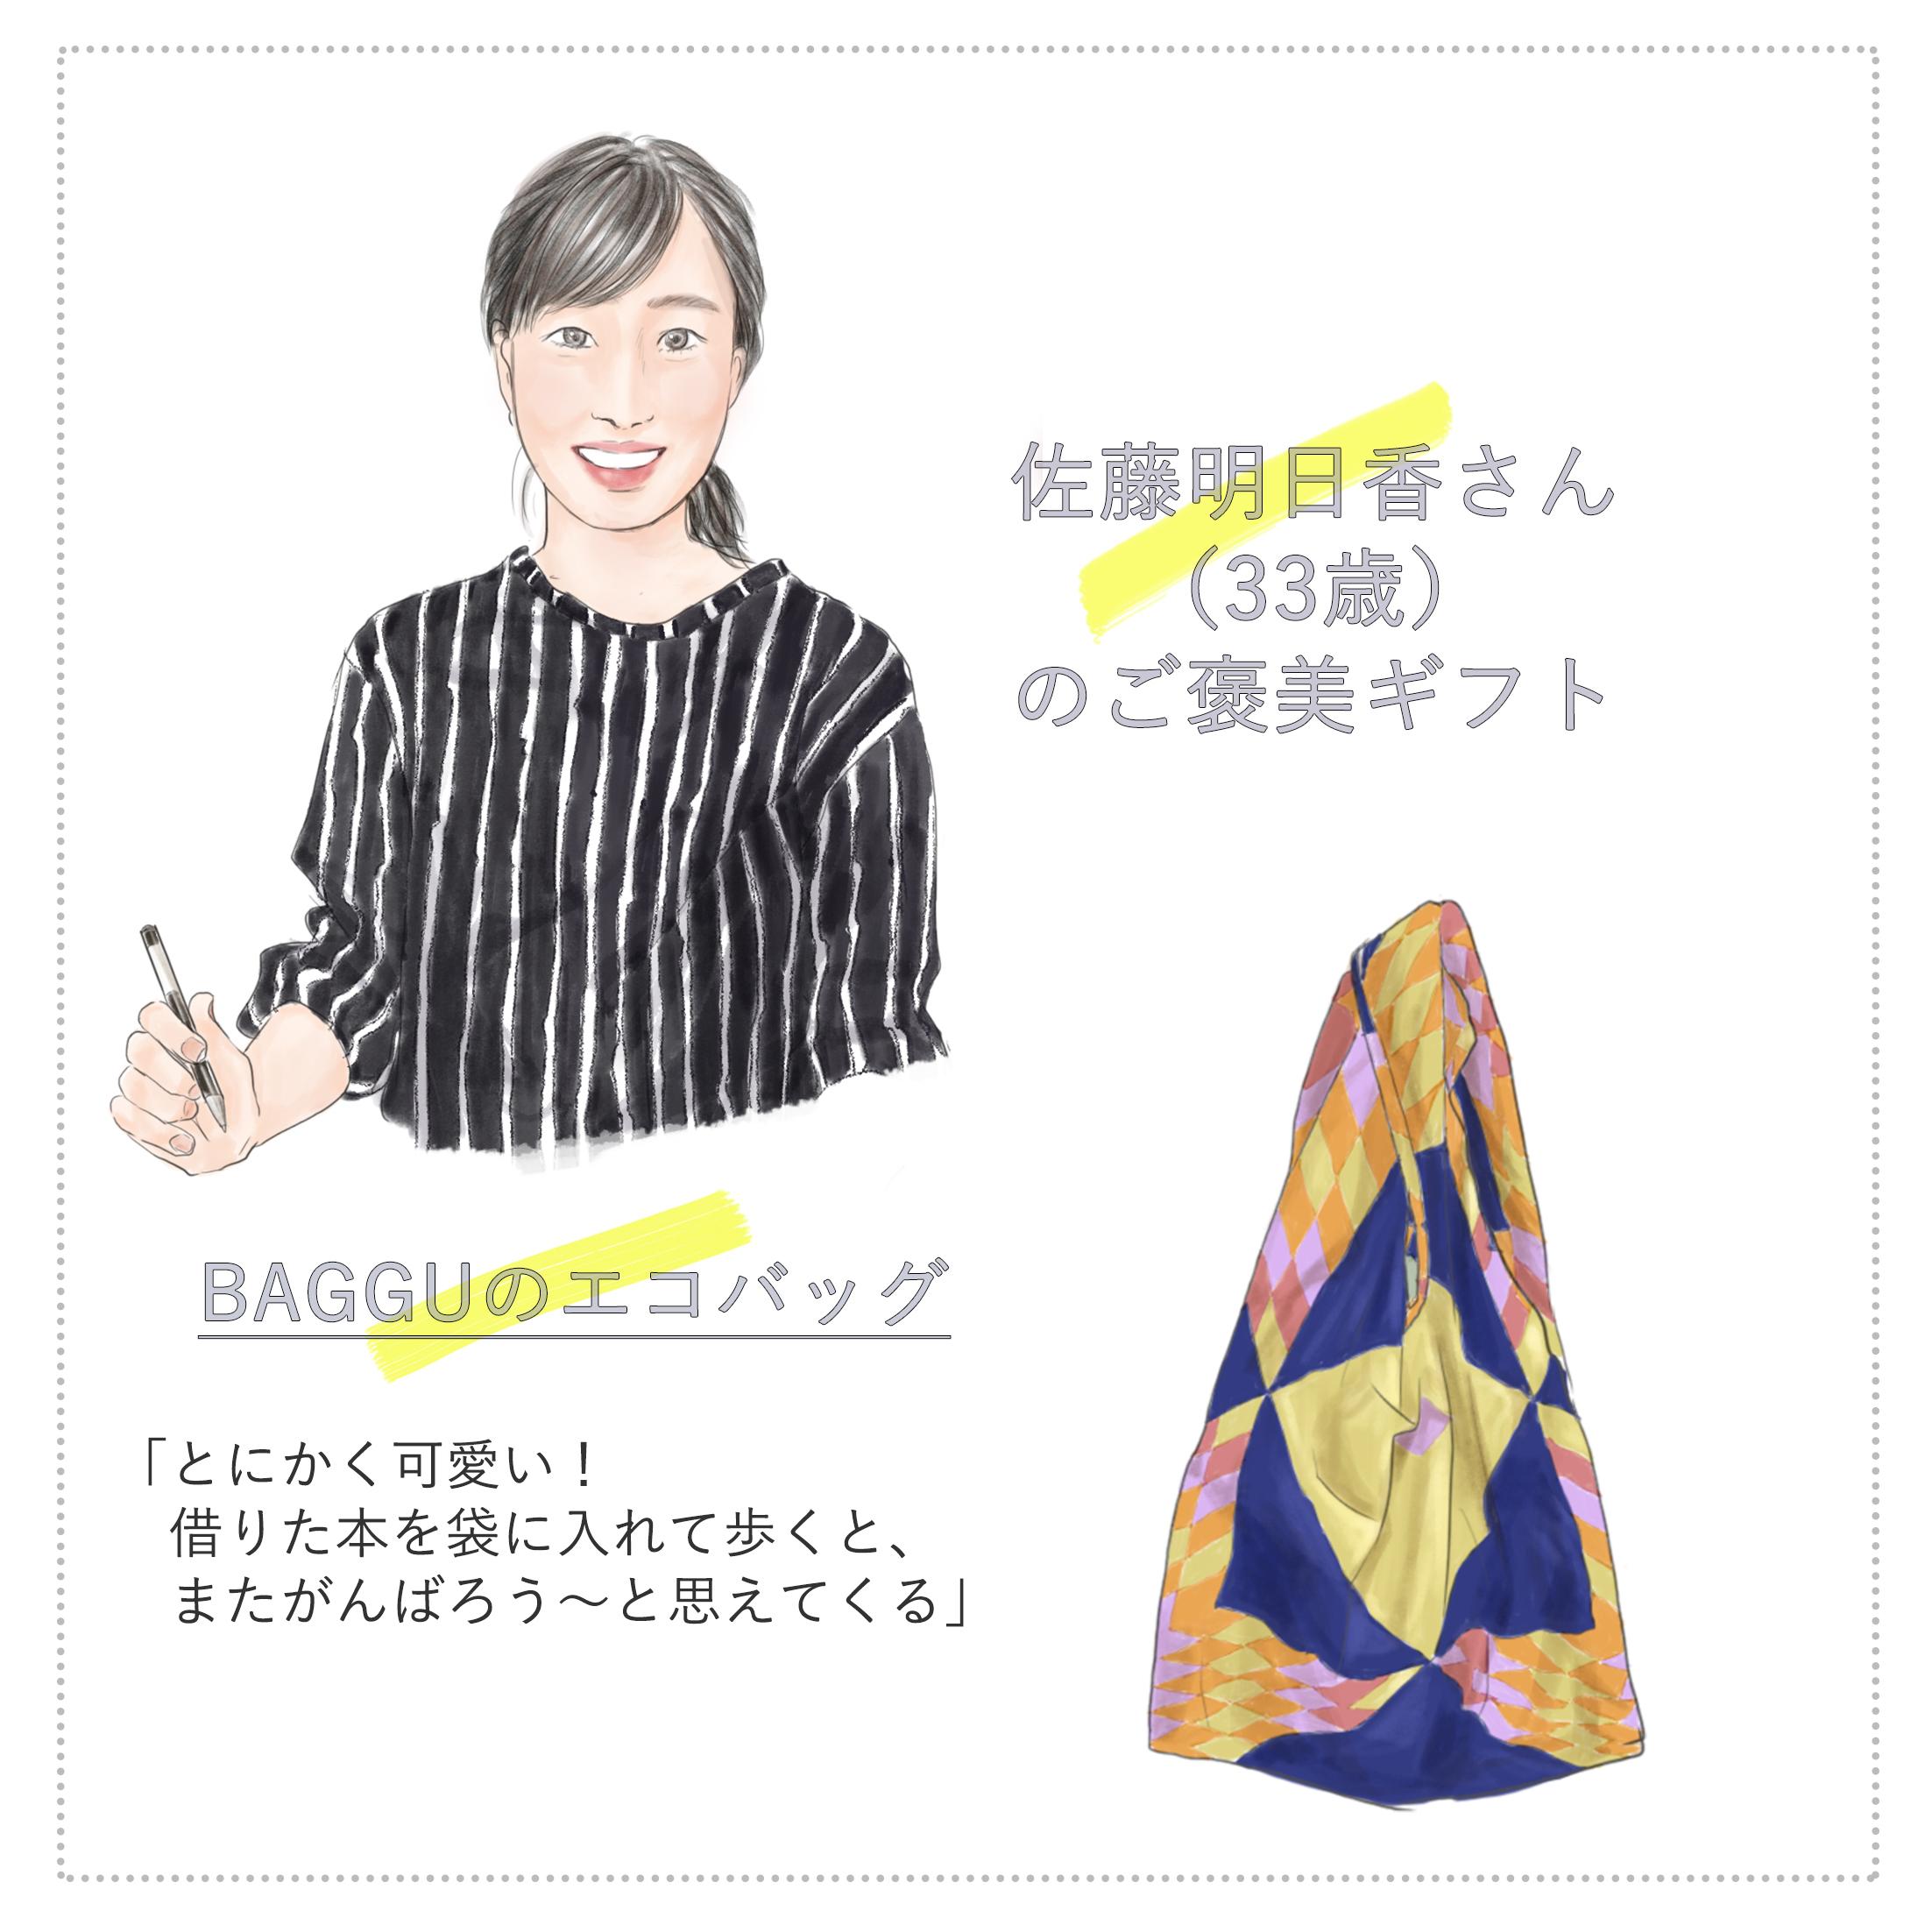 一本のボールペンで創り出す独自の世界観が話題のボールペン画クリエイター・佐藤明日香さん(33歳)